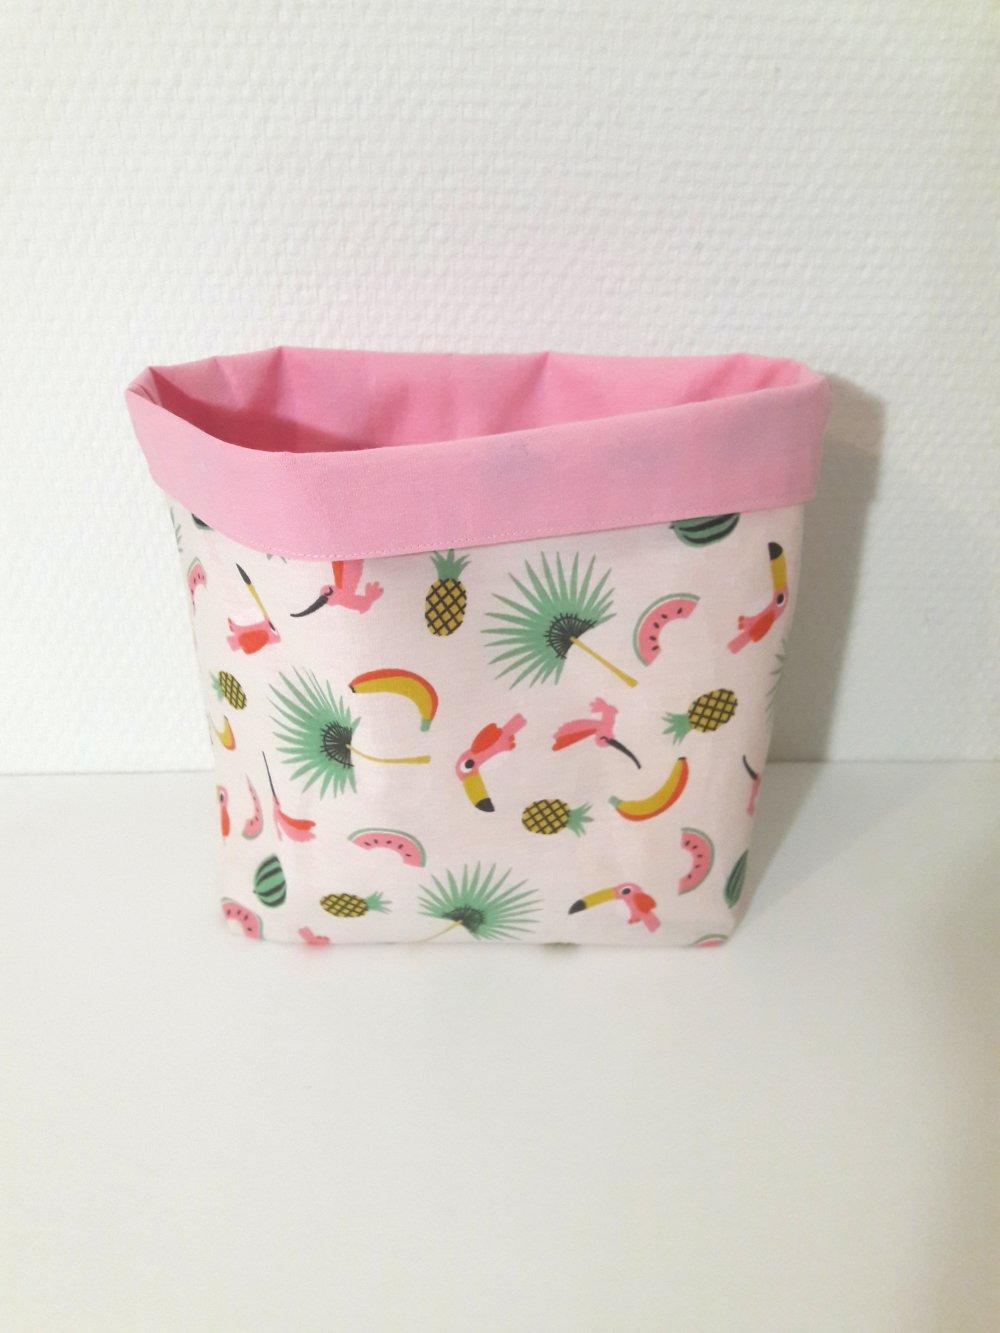 vide poche taille moyenne motif exotique sur fond blanc intérieur rose panière de rangement